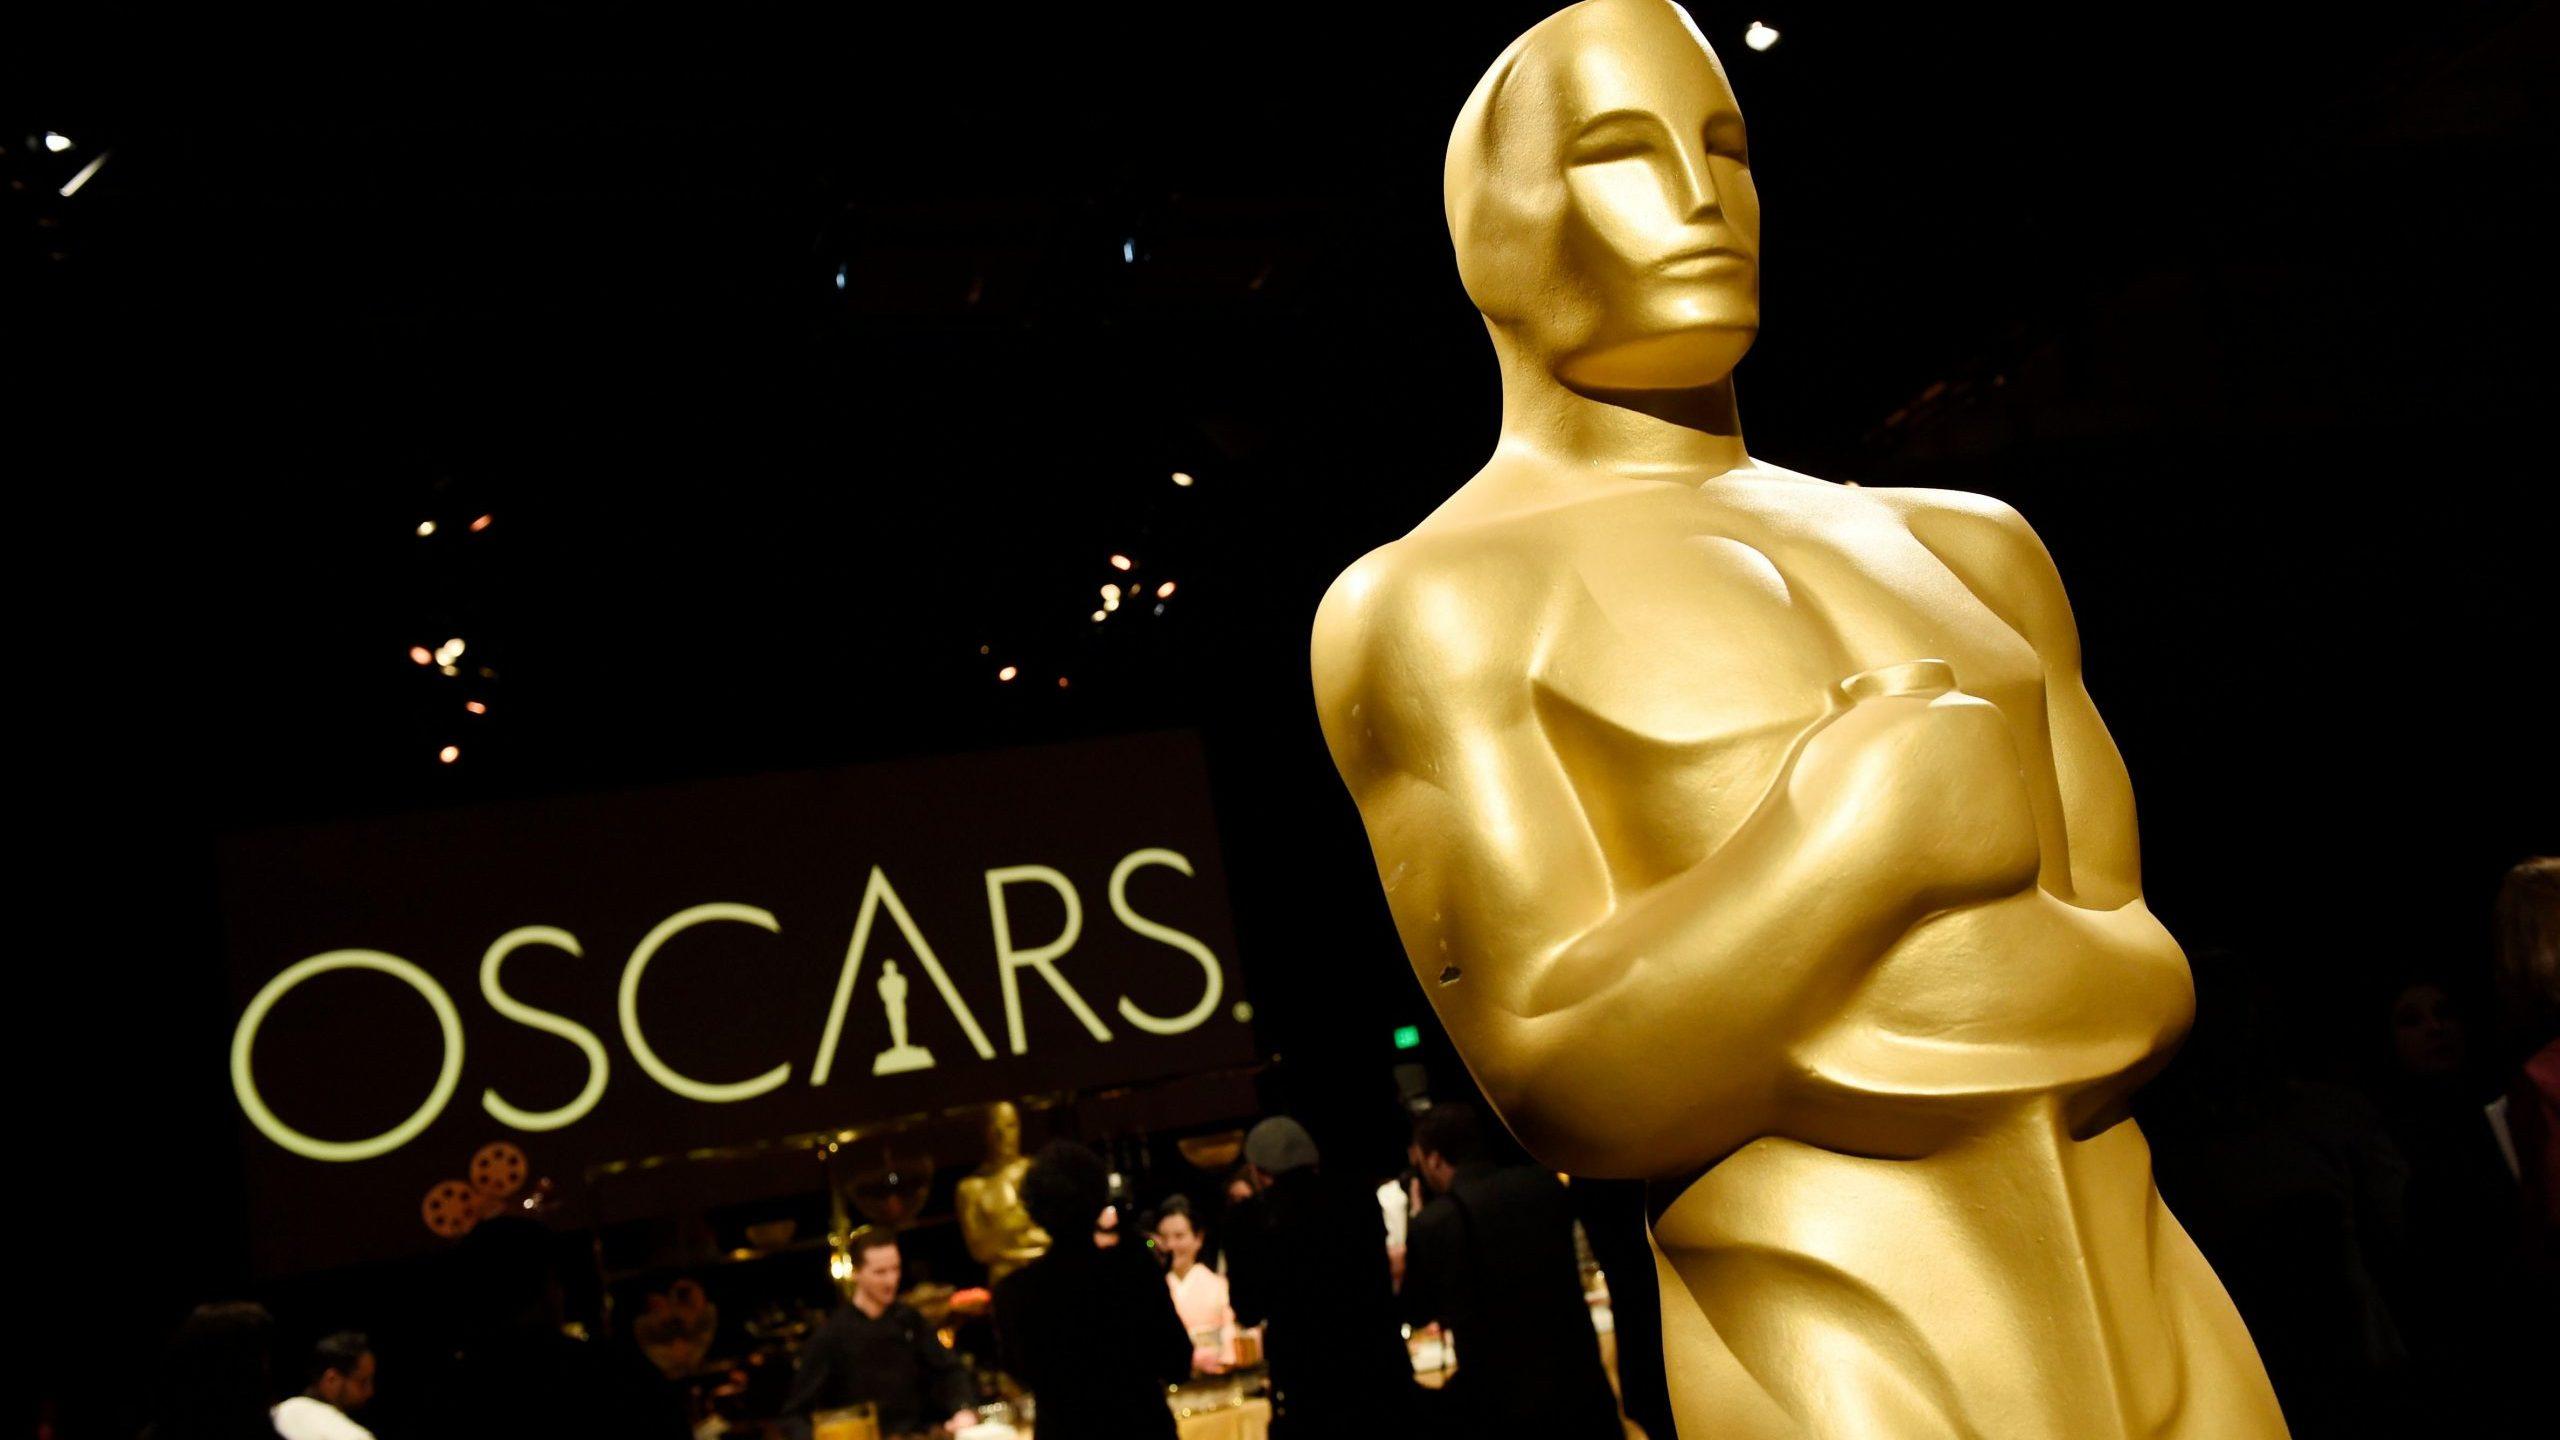 От Украины — на «Оскар». Стали известны пять фильмов — участников национального отбора